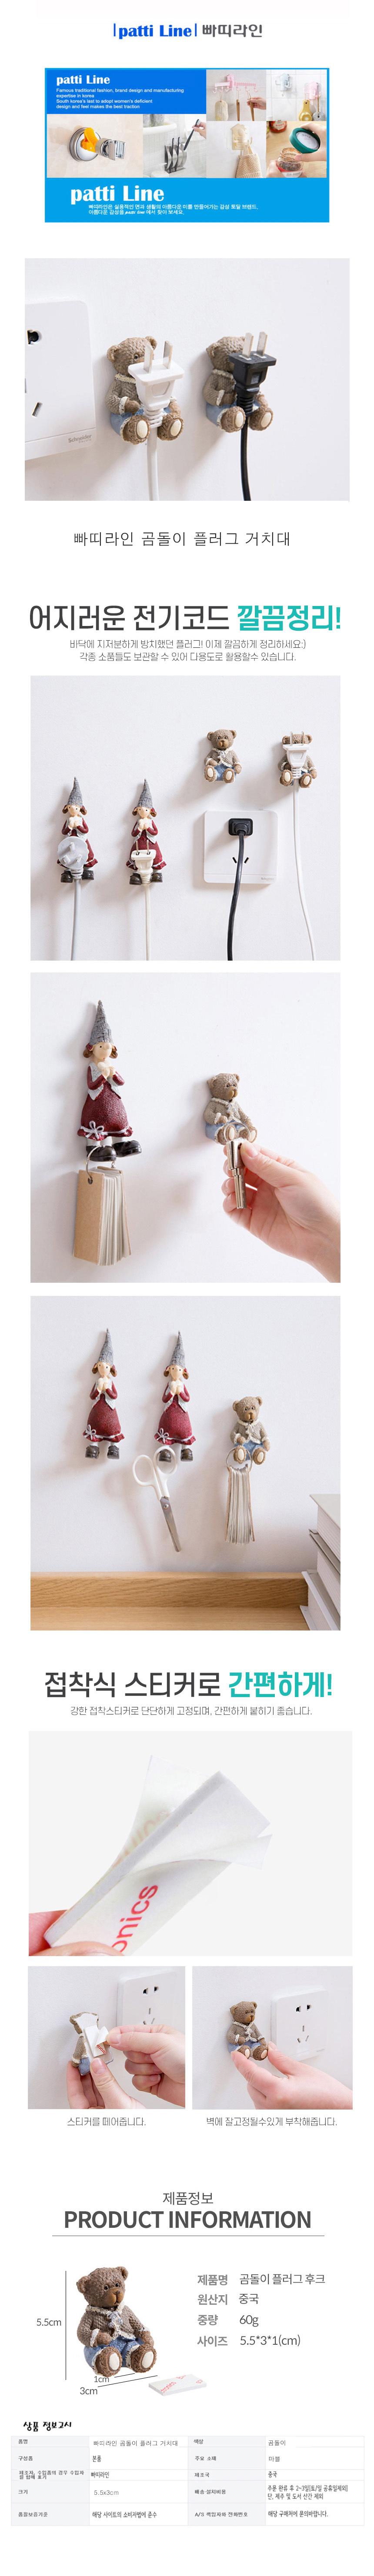 빠띠라인 곰돌이 플러그 코드정리 거치대 - 빠띠빠띠, 2,500원, 생활잡화, 후크